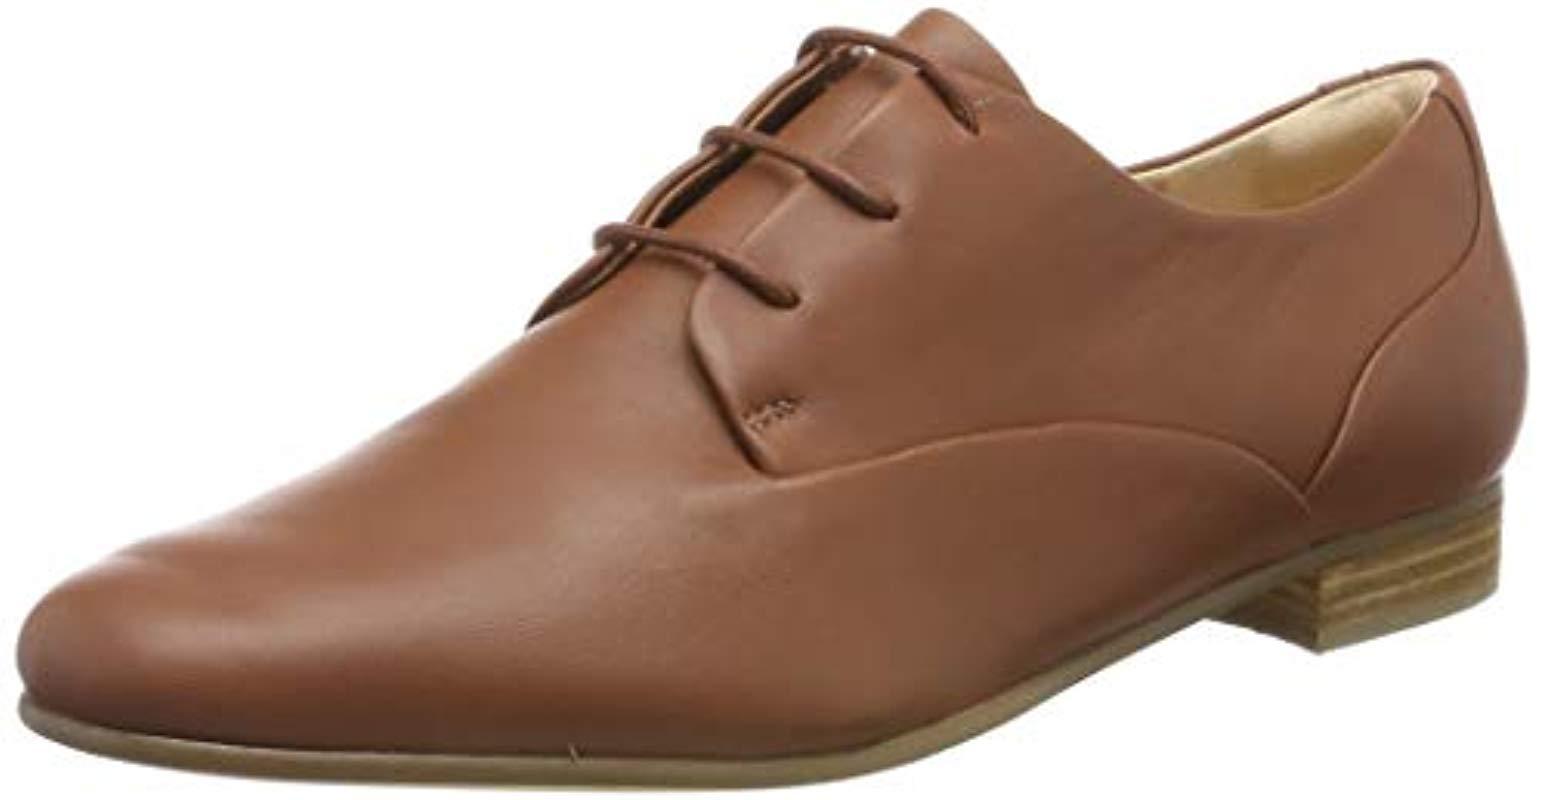 Comandante Grillo líder  Zapatos de Cordones Derby para Mujer Clarks Pure Mist Zapatos planos  Zapatos y complementos